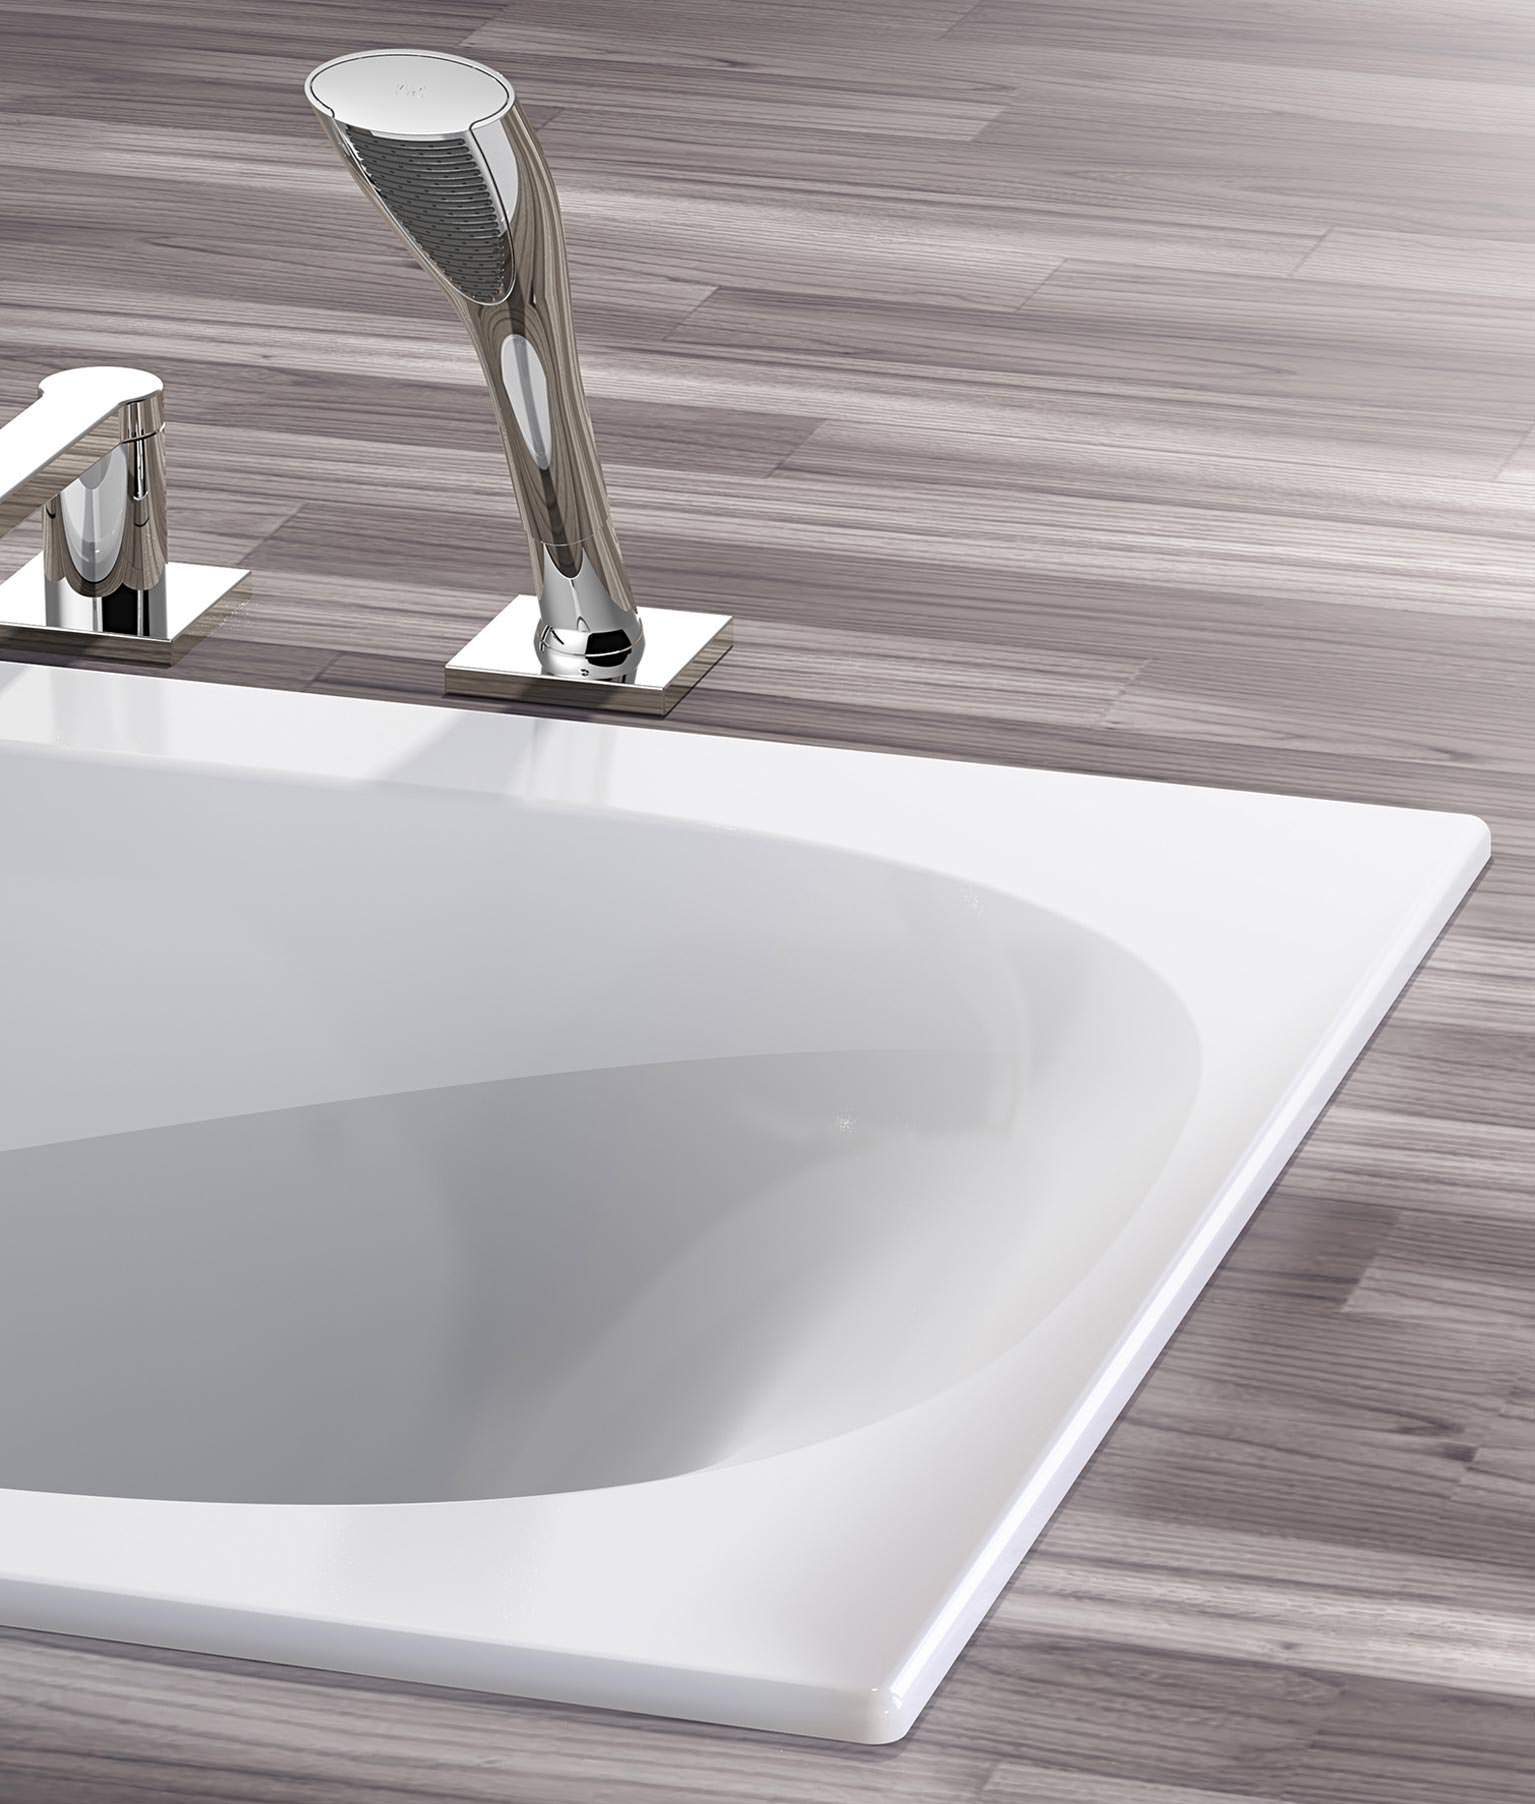 badewannenserie koralle t300 folgt dem trend zur optischen leichtigkeit. Black Bedroom Furniture Sets. Home Design Ideas